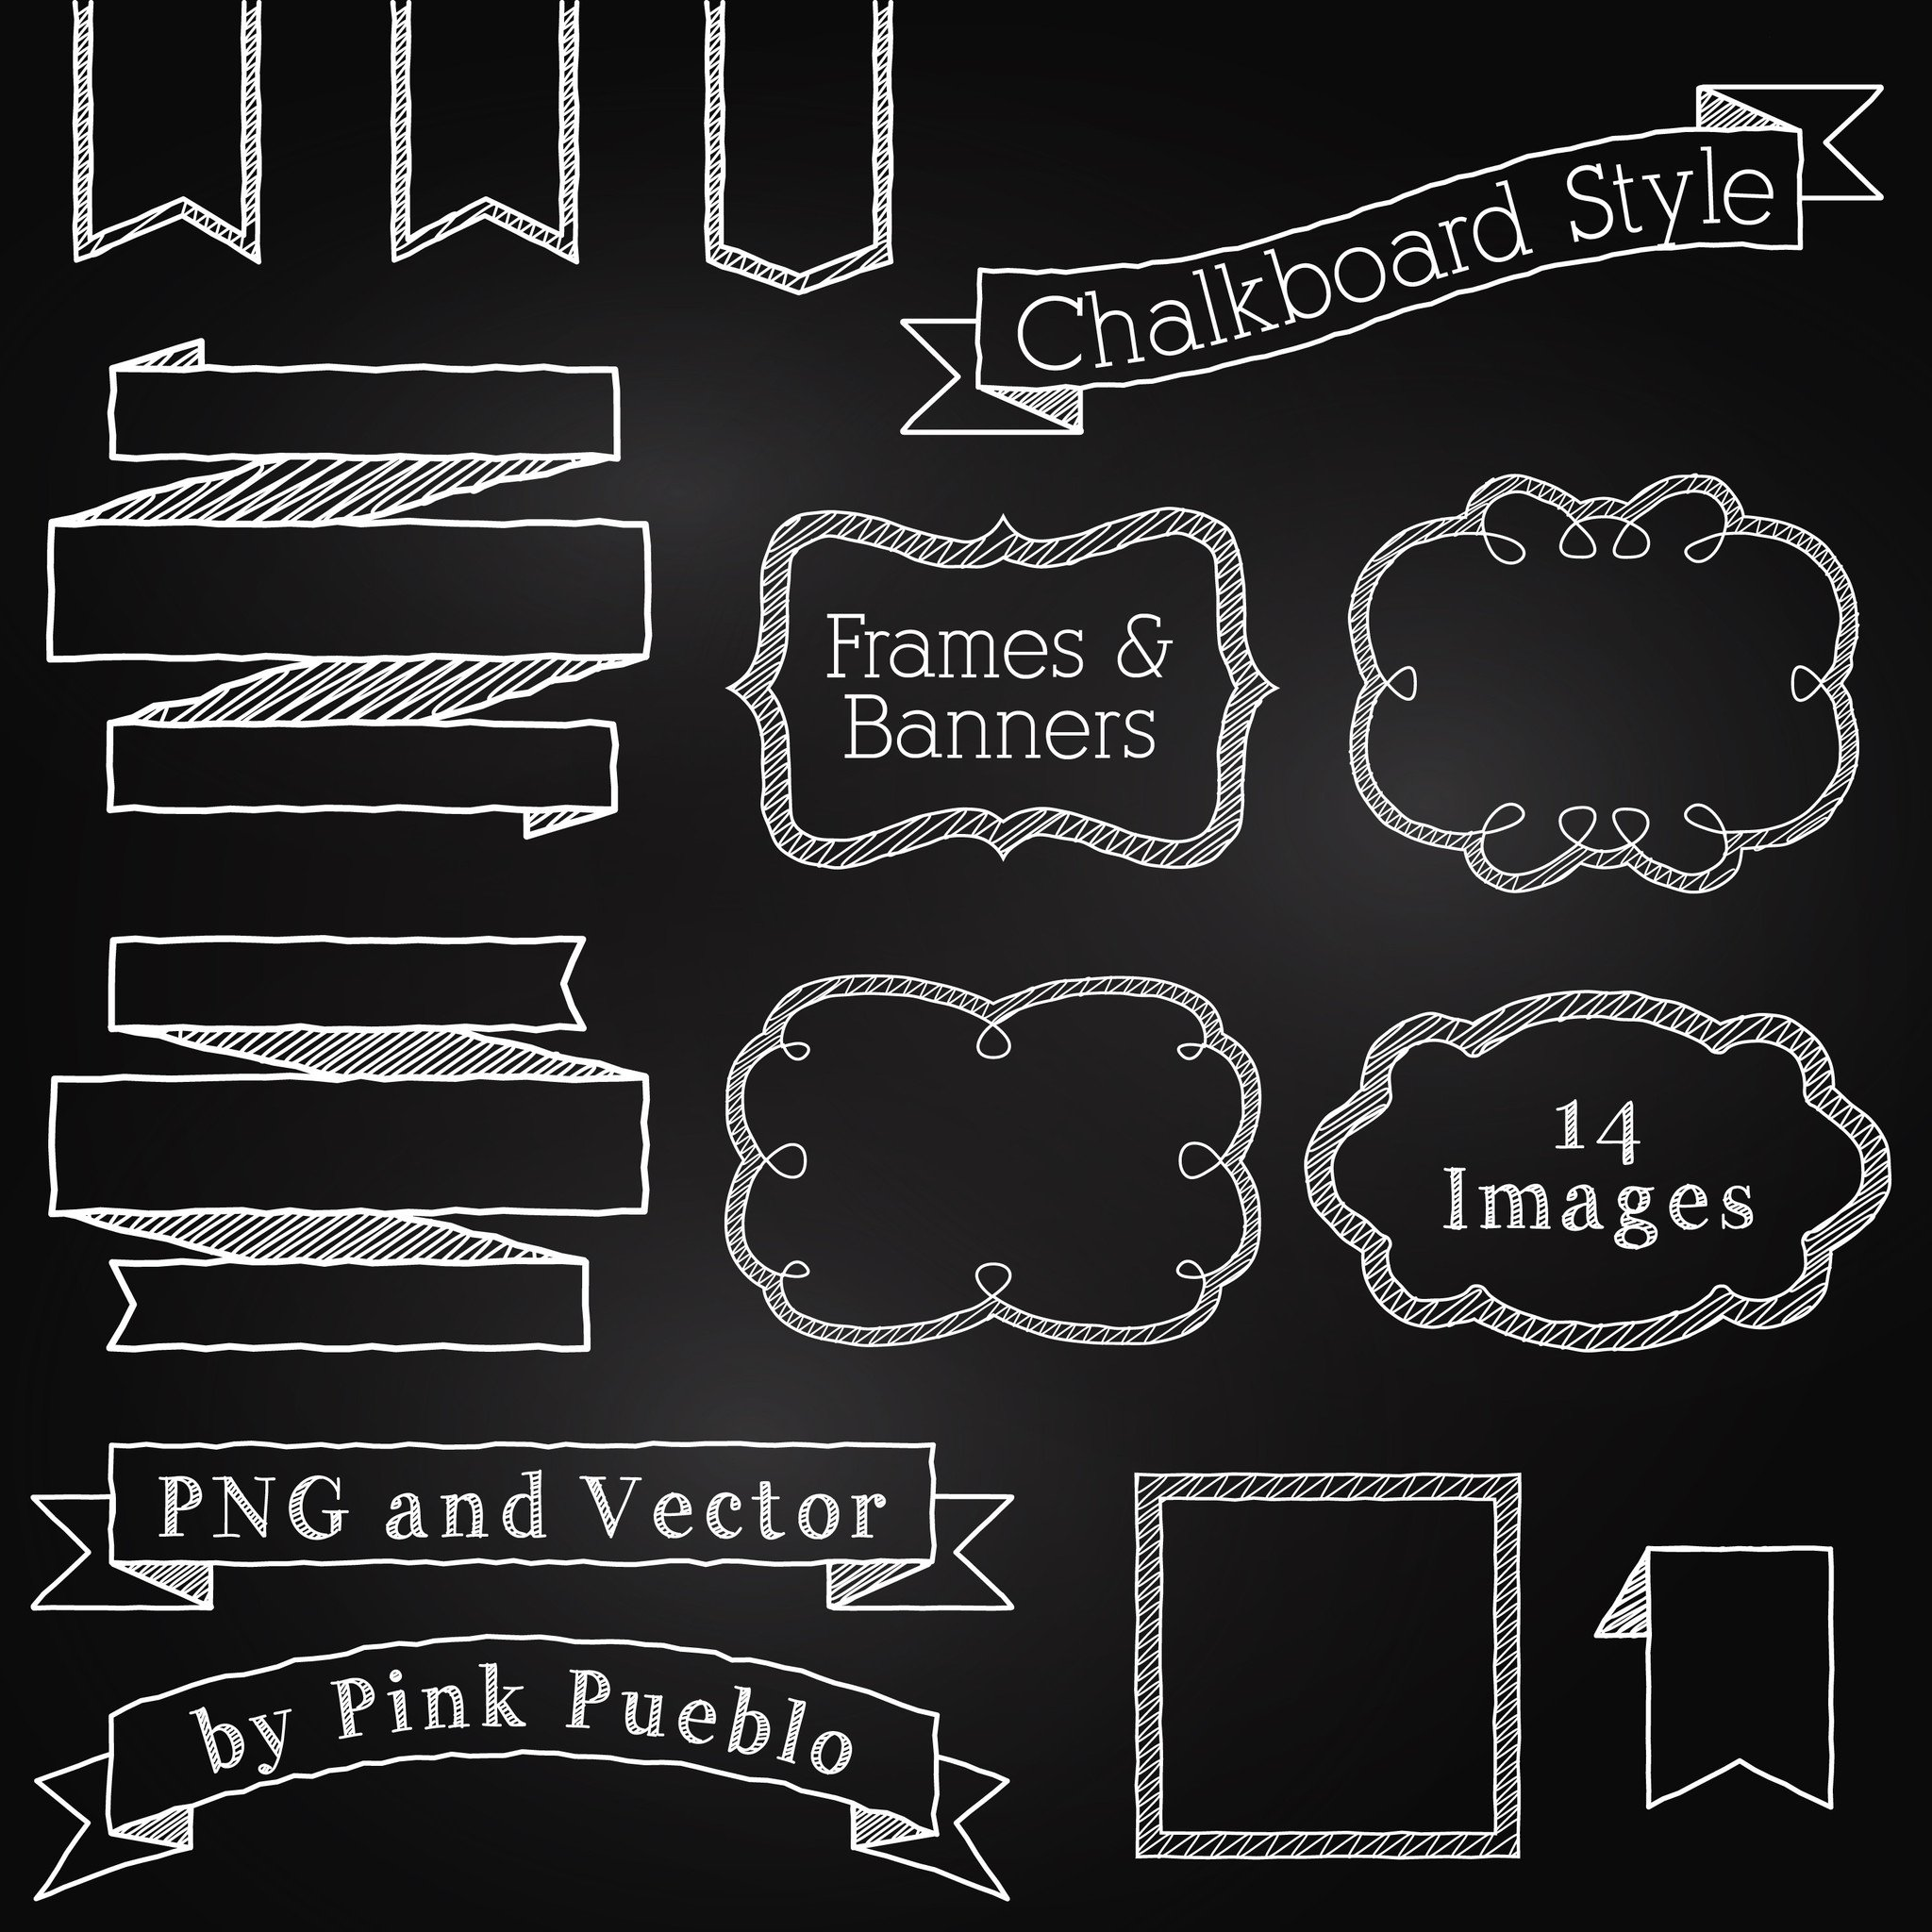 2048x2048 Chalkboard Elements Clipart Amp Vector Pinkpueblo